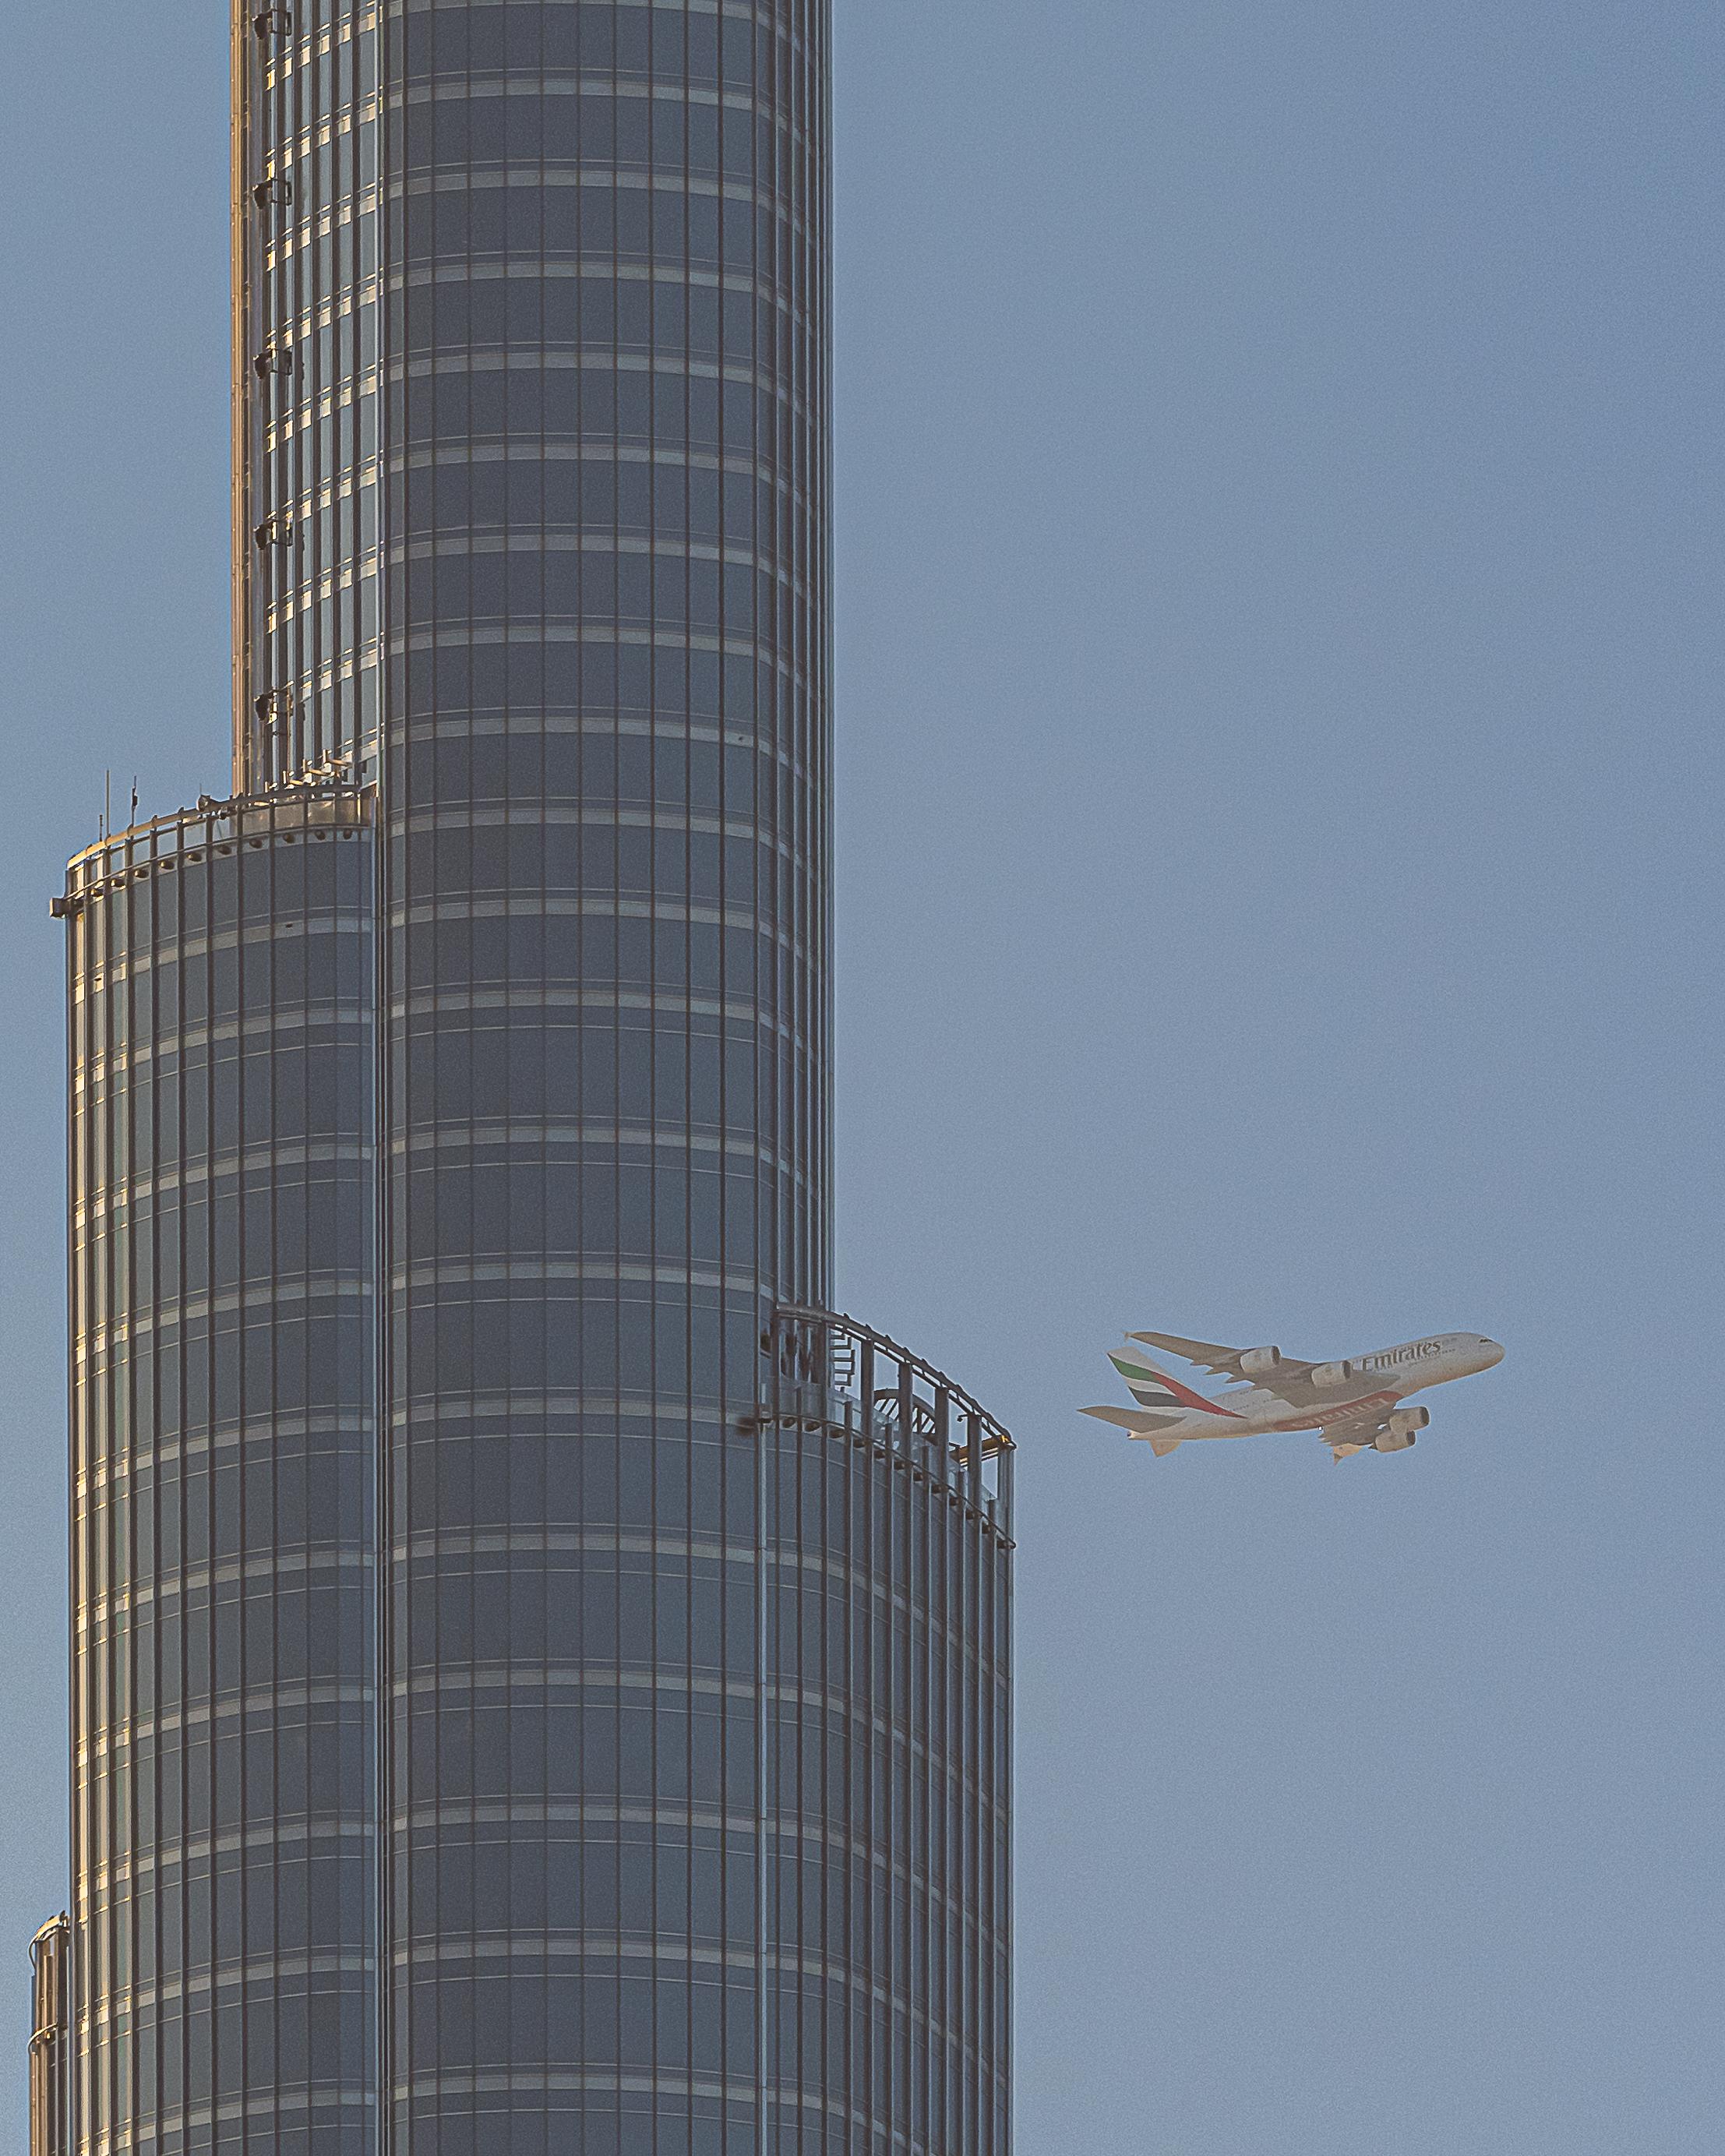 Burj Khalifa and Dubai planes (200mm cropped)